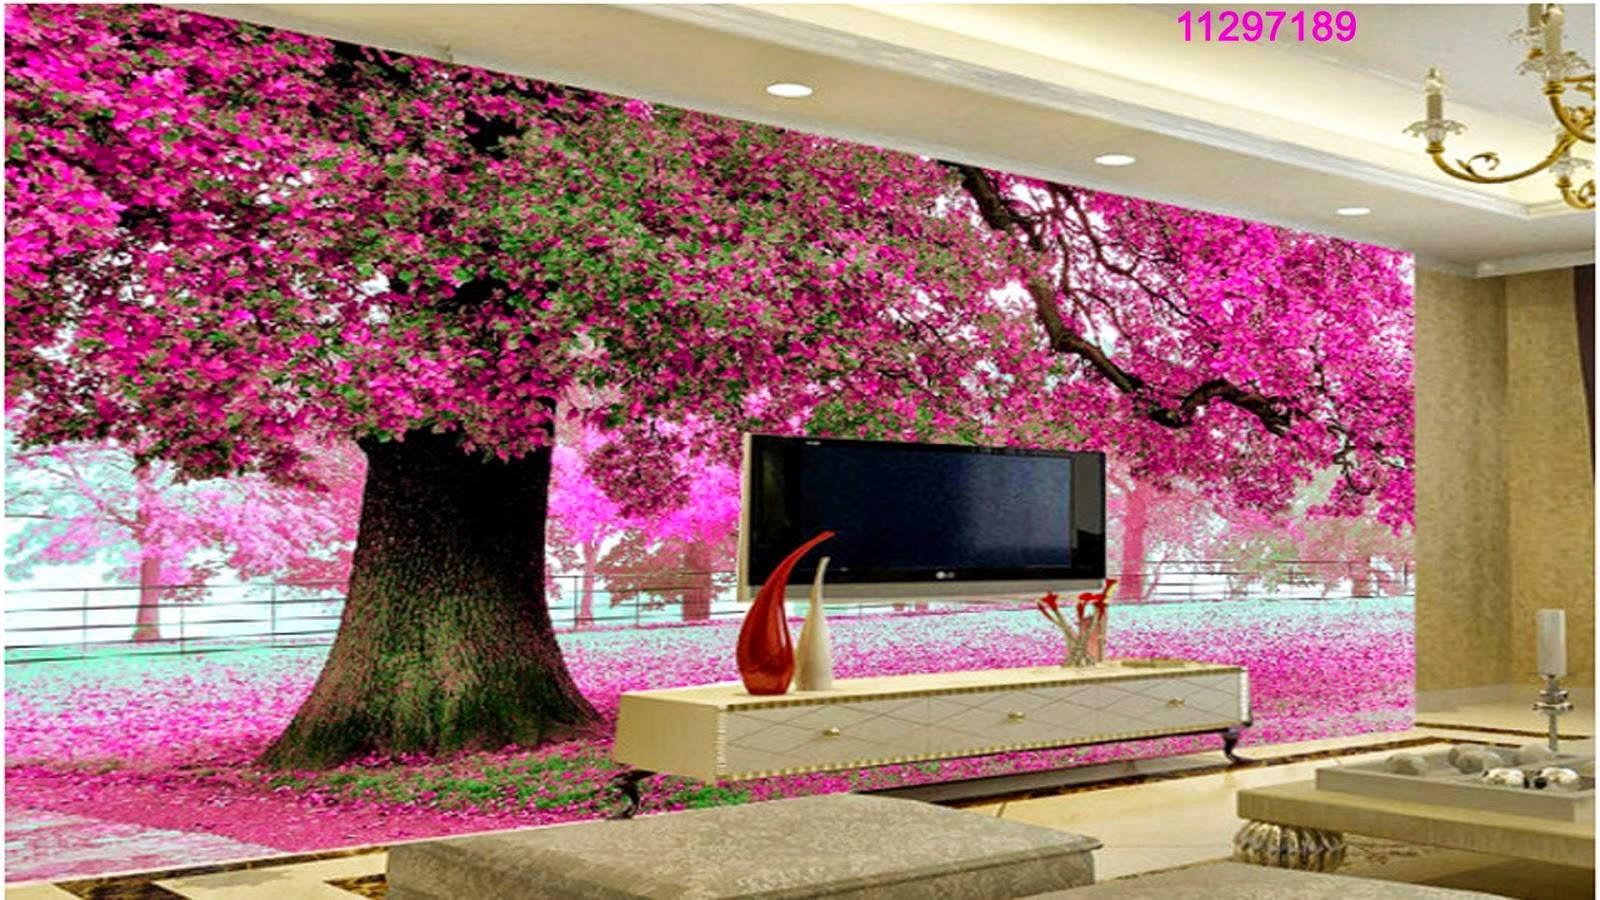 Gambar Wall Mural Dan Wallpaper Pilihan AKU DAN DUNIA BARUKU